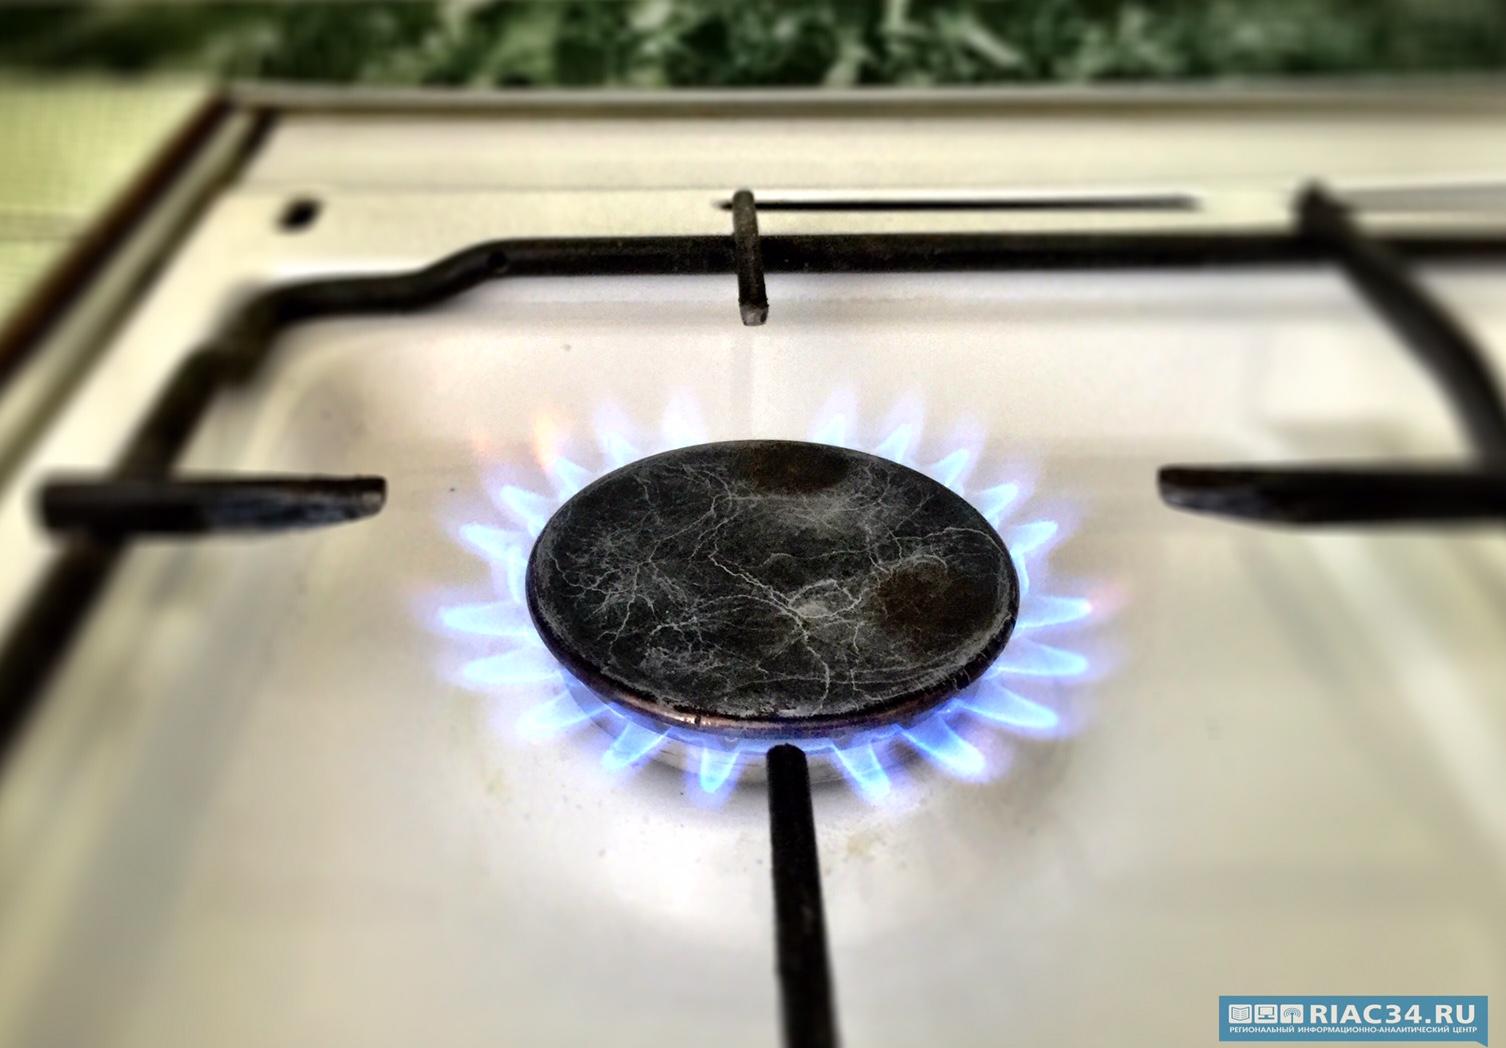 ВВолгоградской области семья с 2-мя детьми отравилась газом